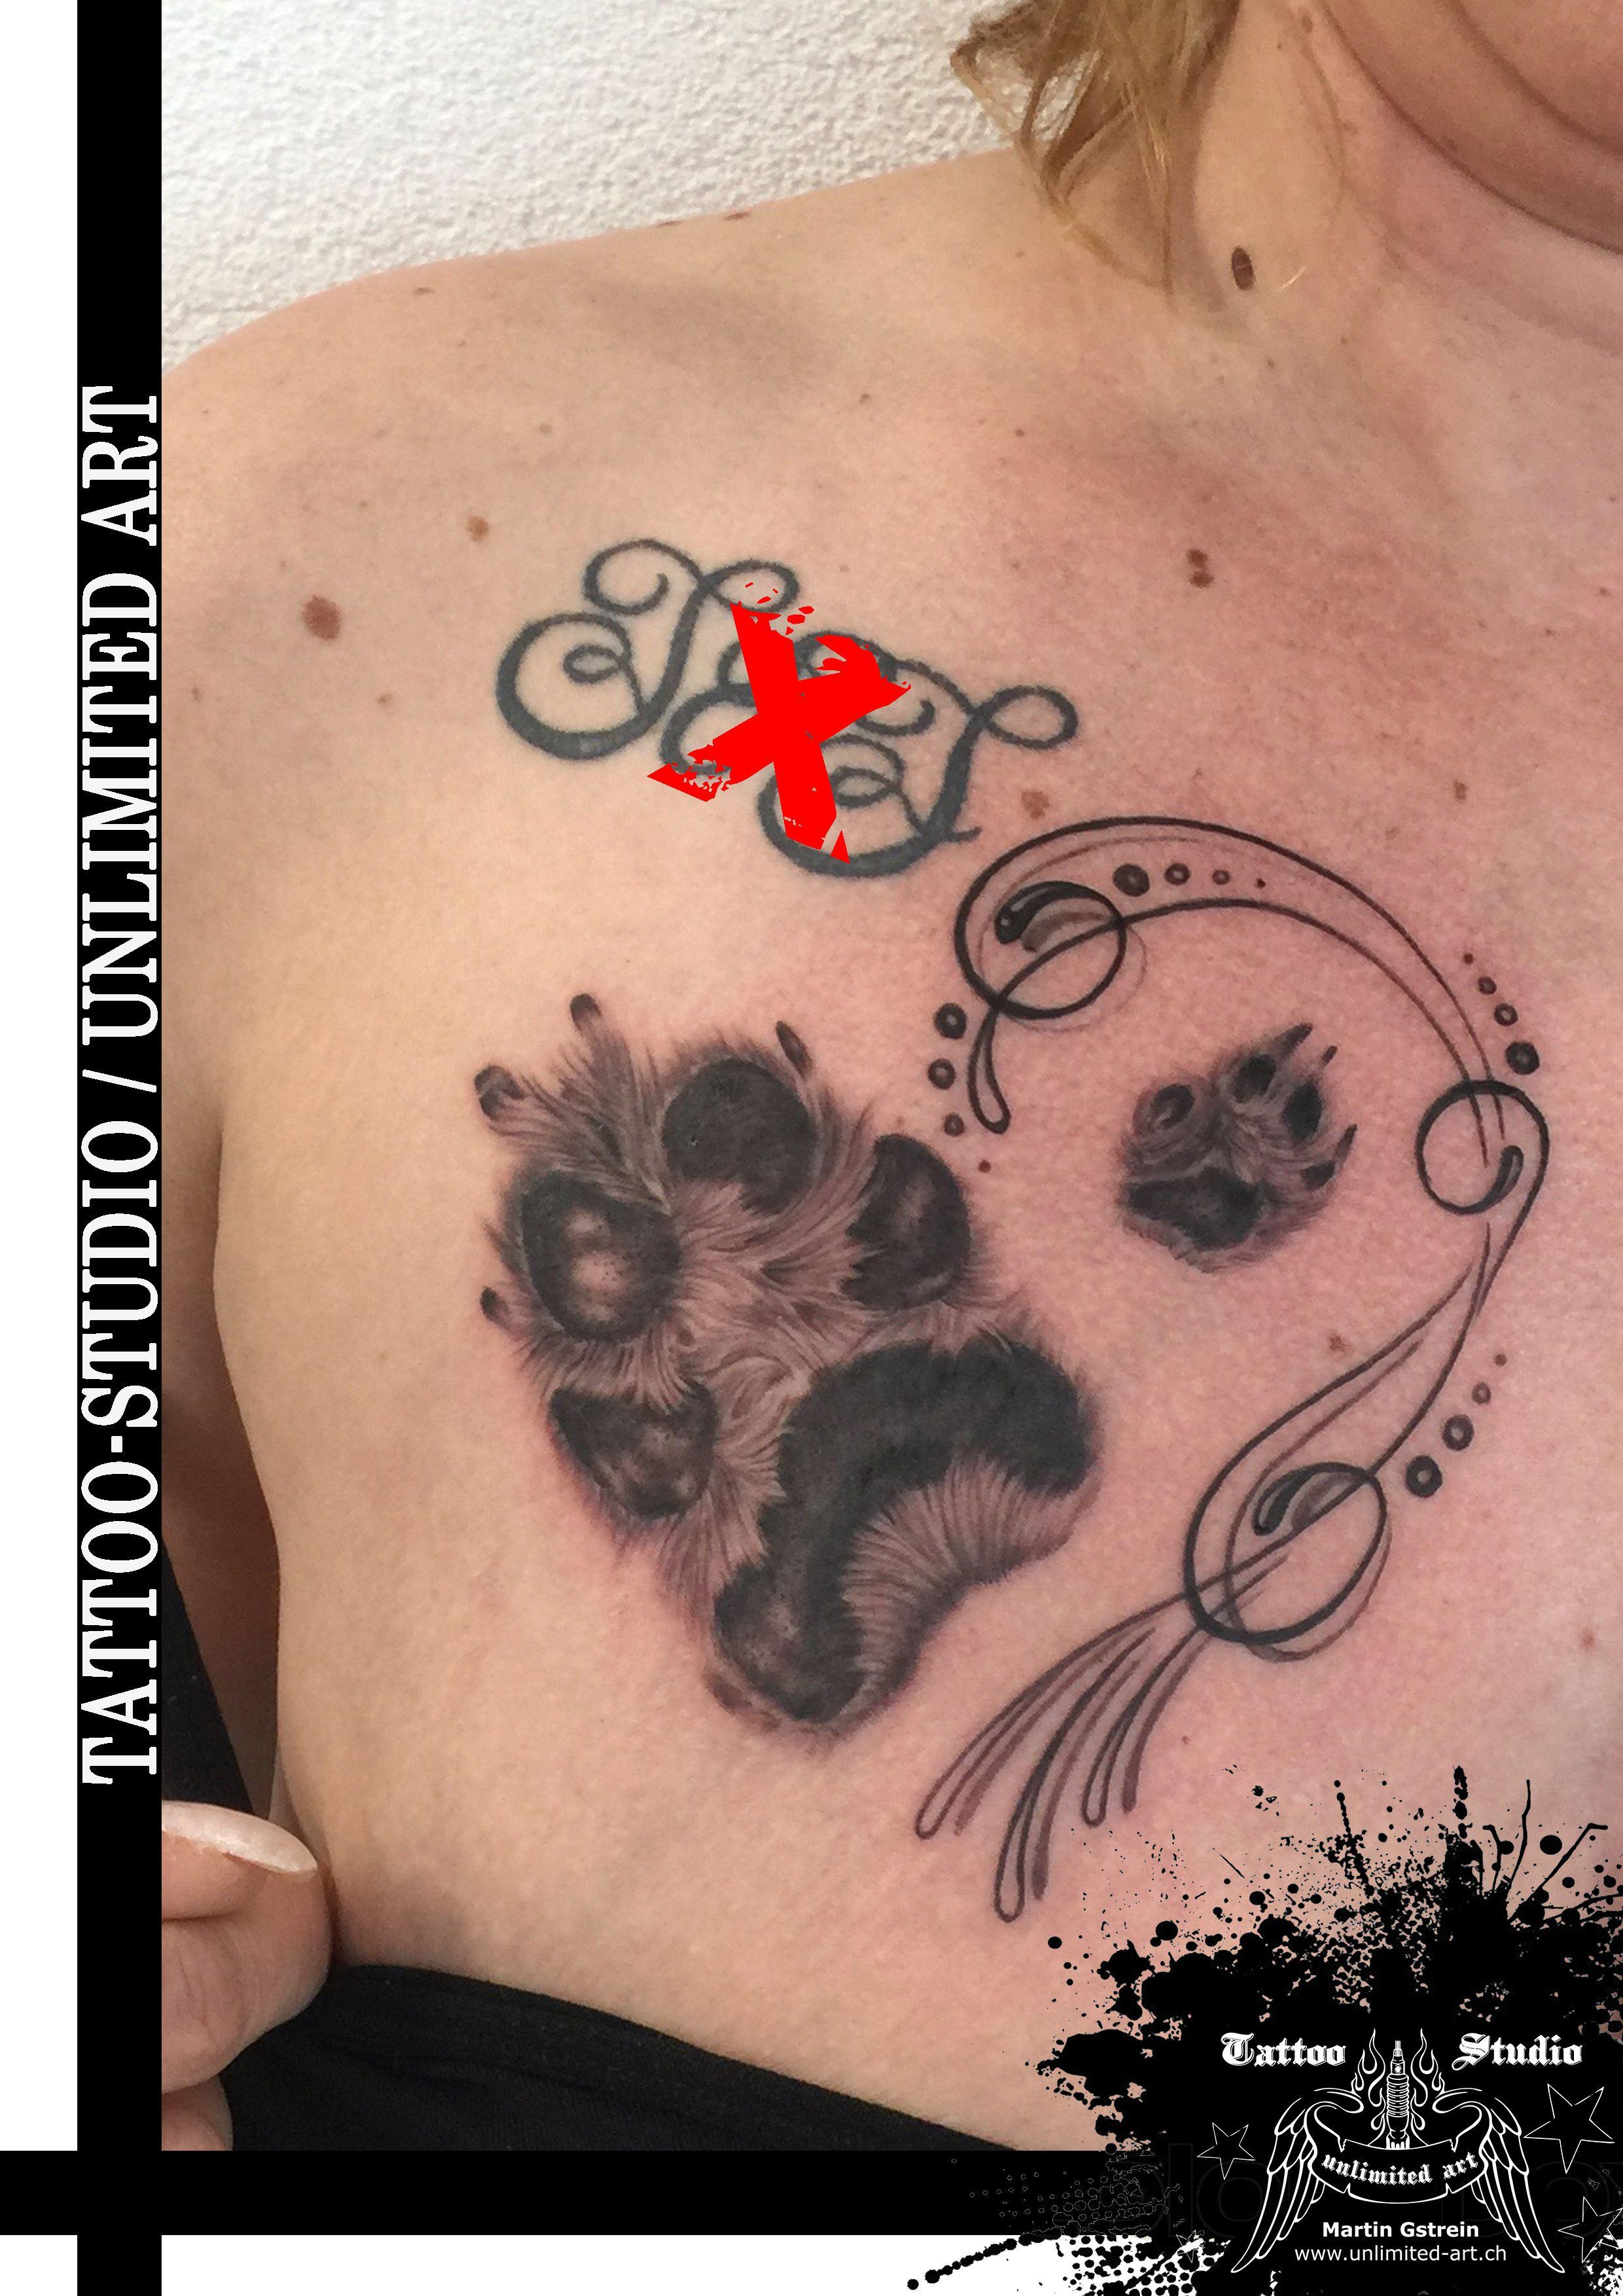 Hundepfote Schnorkel Realistic Tattoo Mit Bildern Girly Tattoos Hundepfoten Pfoten